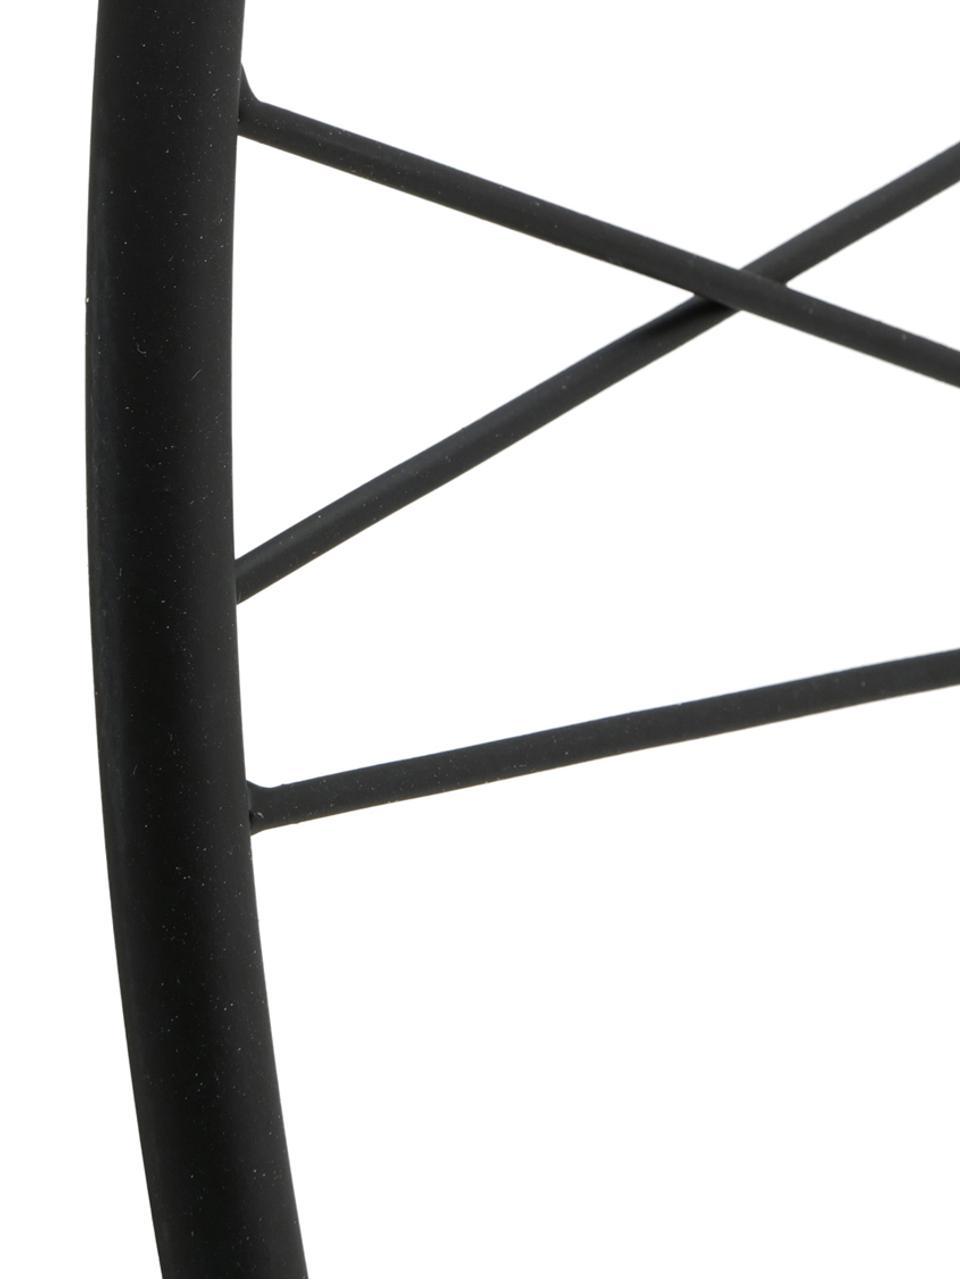 Wanduhr Oslo, Metall, beschichtet, Schwarz, Ø 57 cm